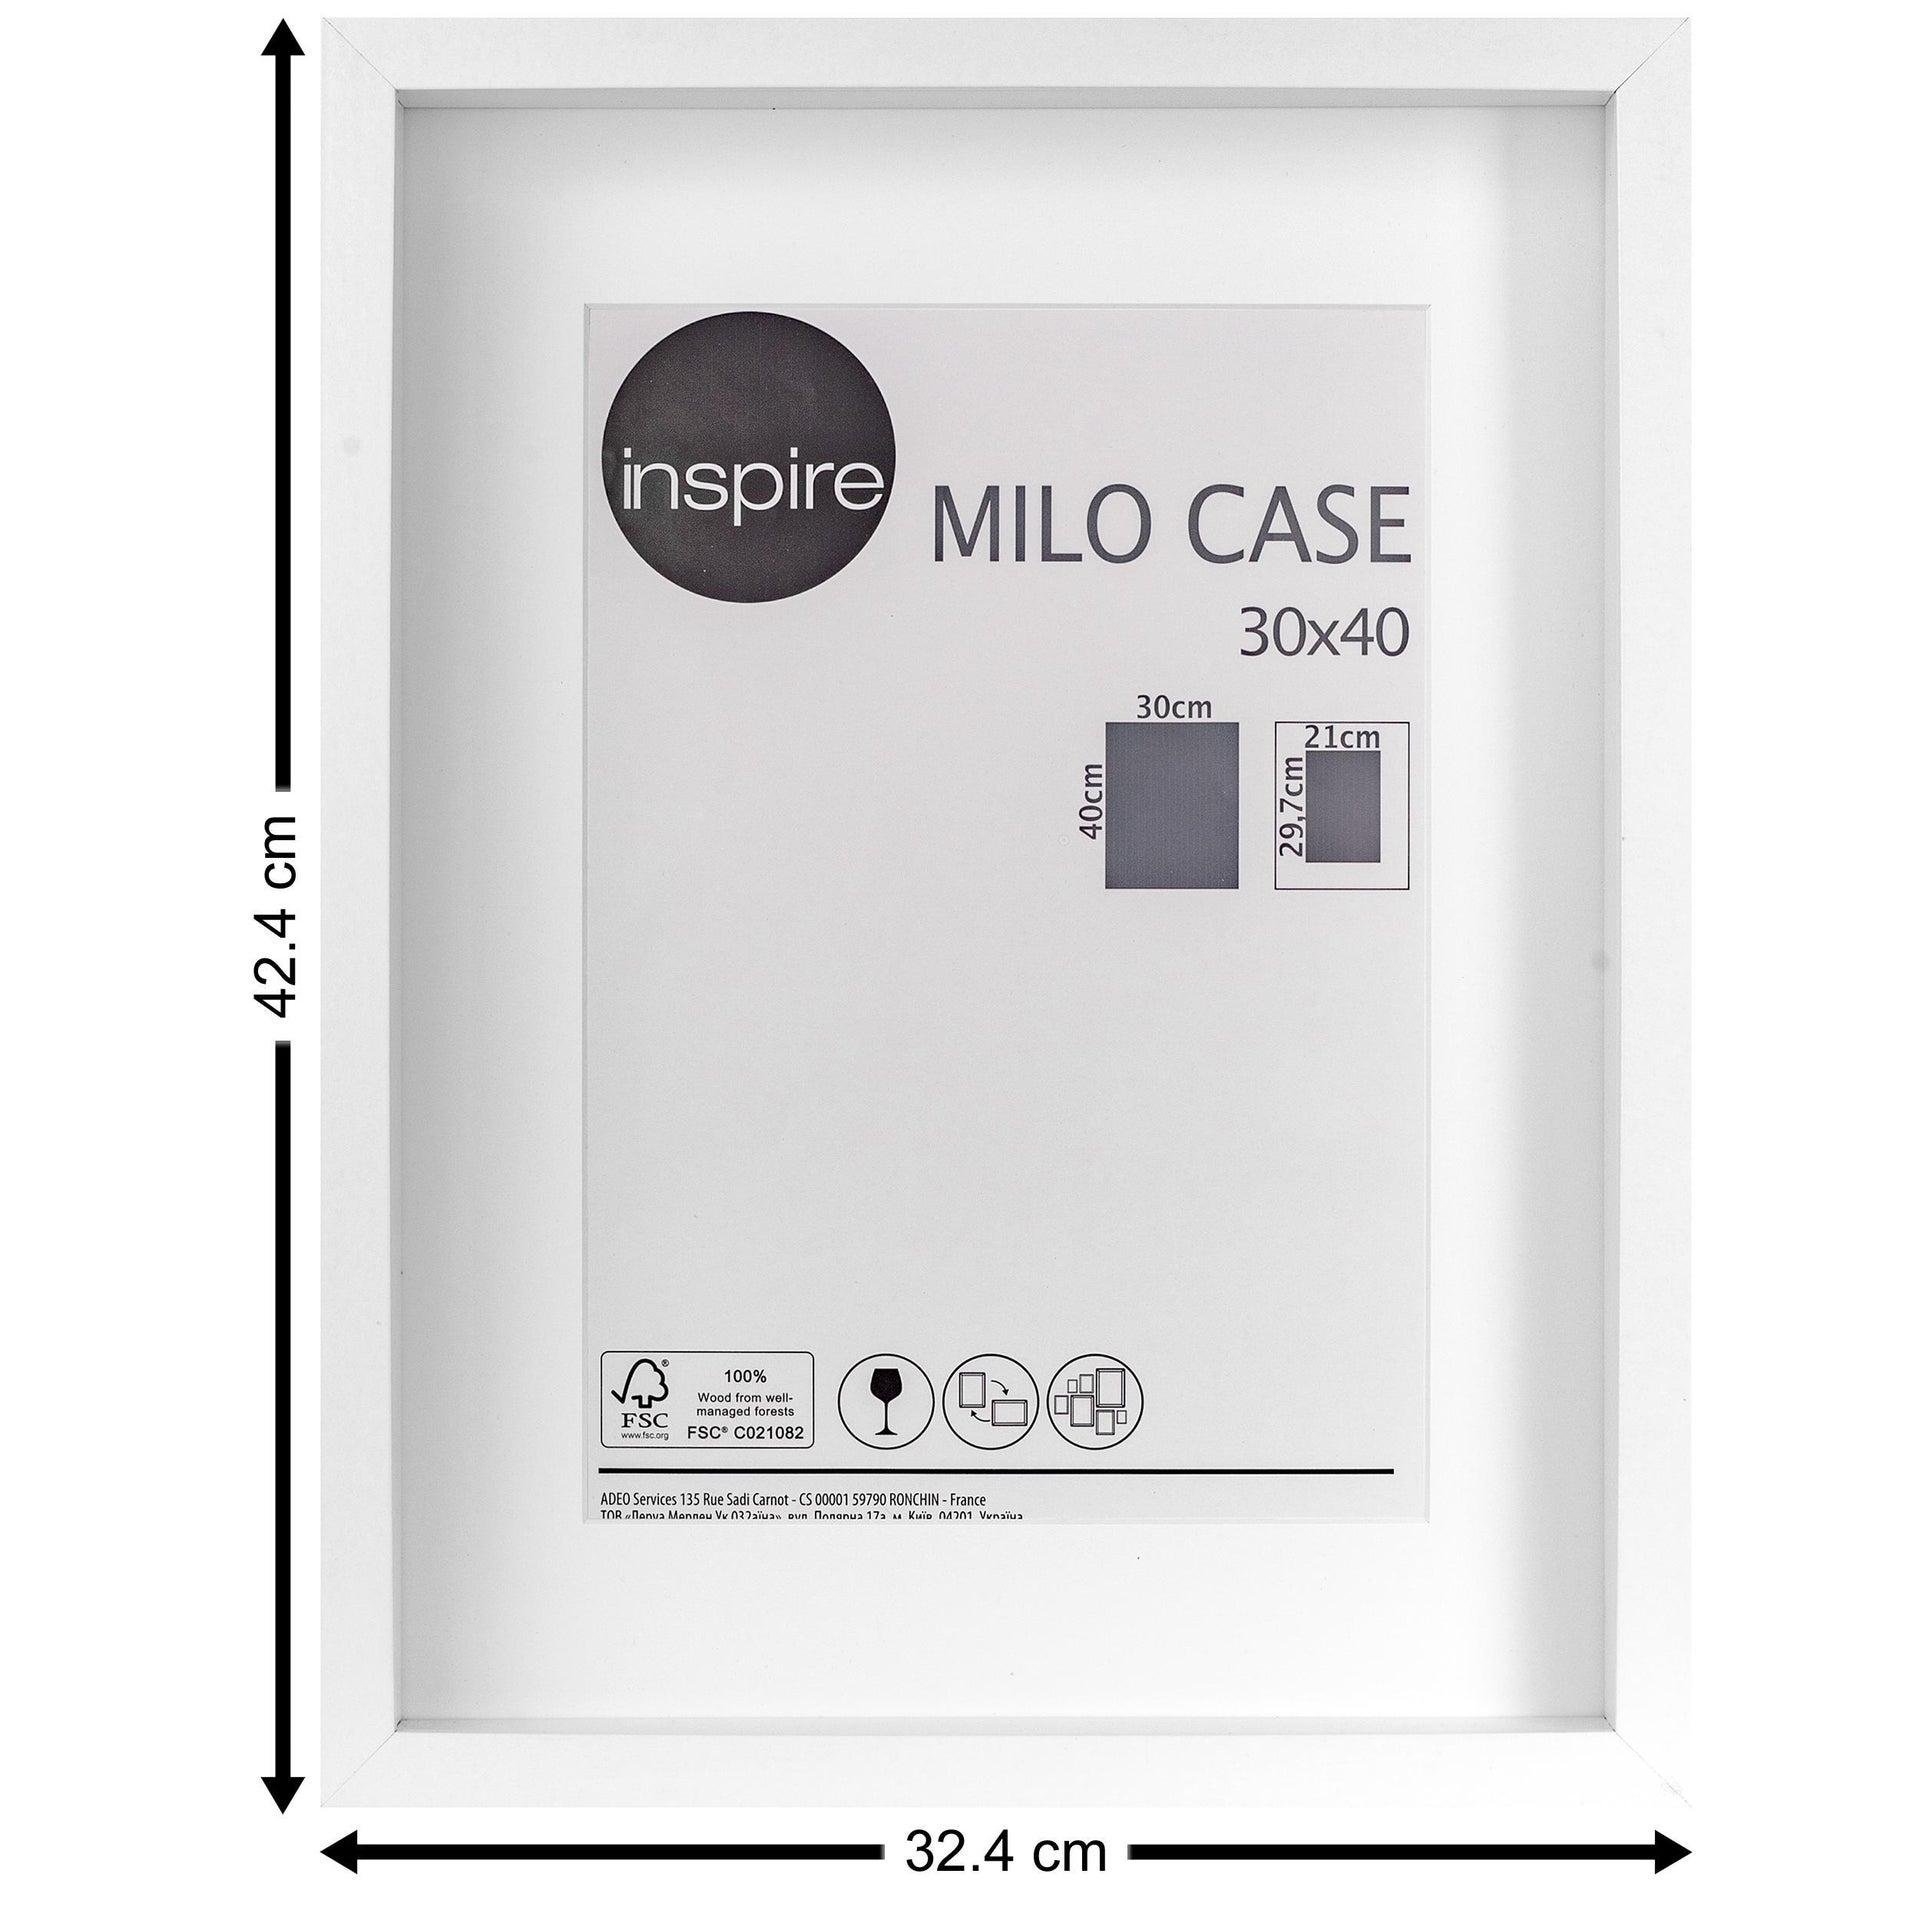 Cornice con passe-partout Inspire milo bianco 30x40 cm - 7